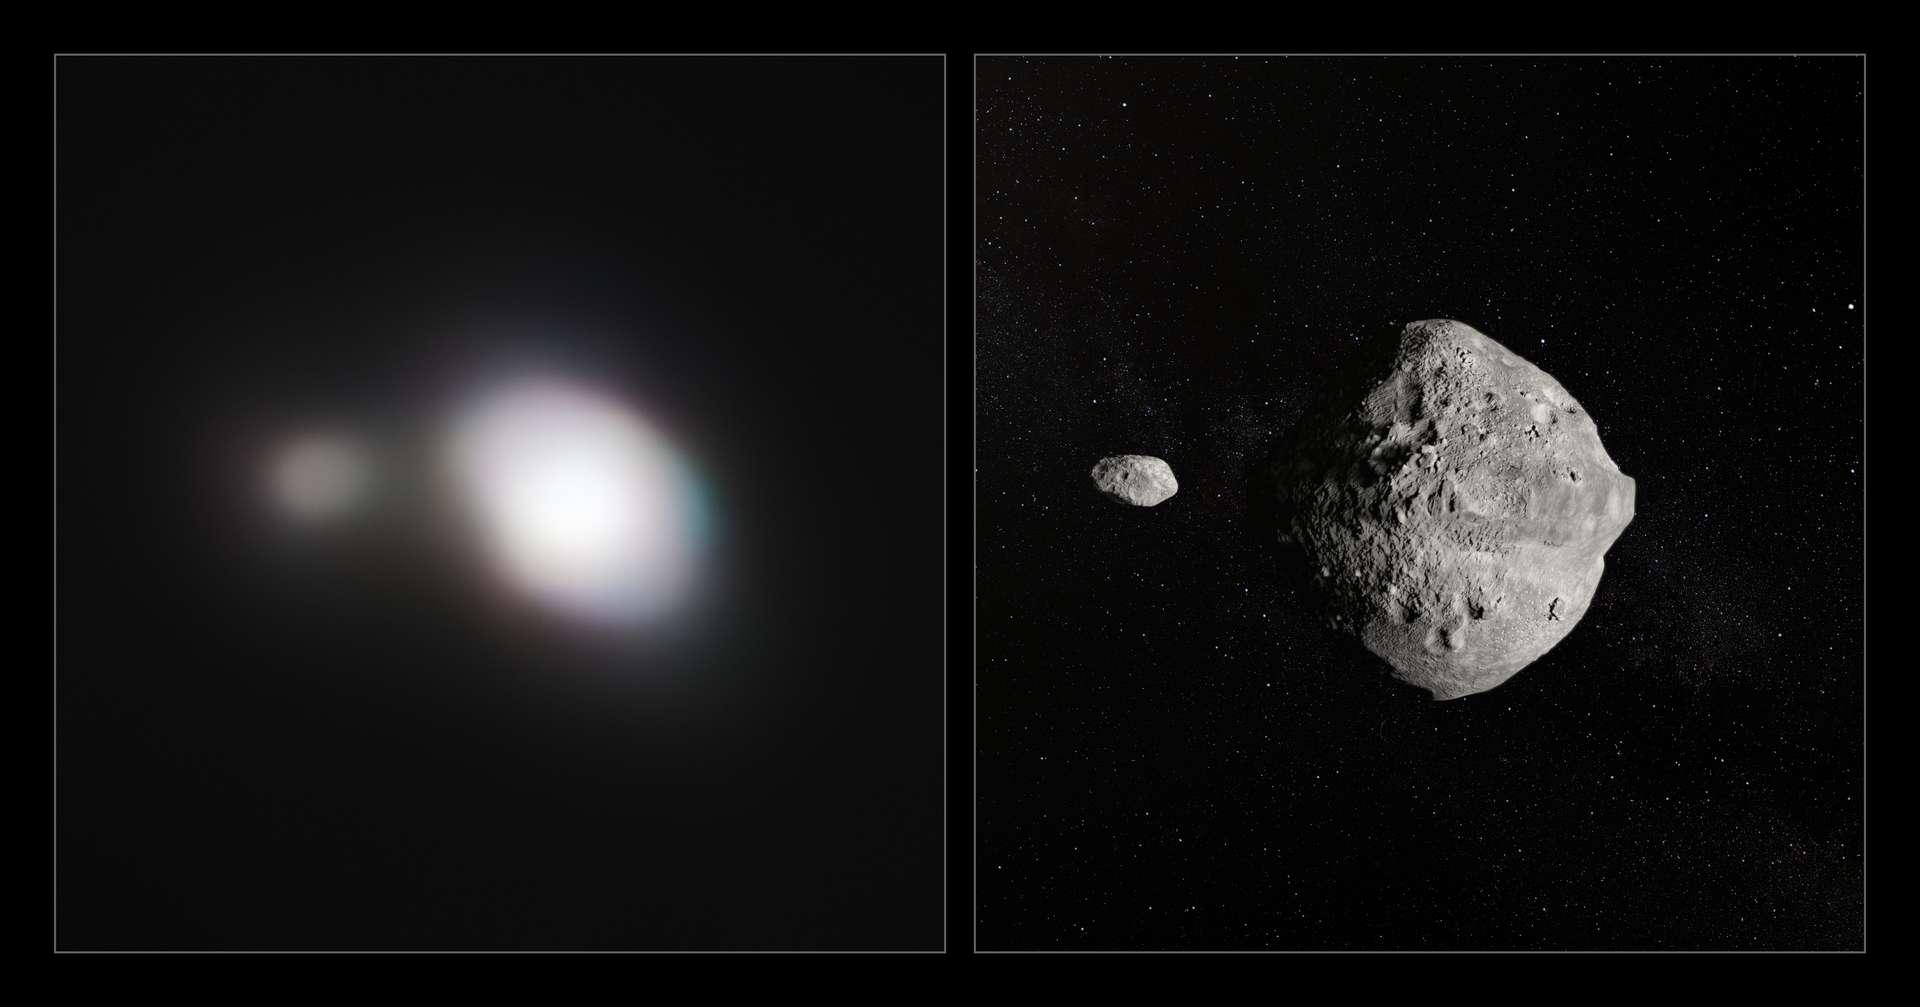 À gauche, image la plus détaillée de l'astéroïde 1999 KW4, qui possède sa propre lune, prise par l'instrument Sphere équipant le Very Large Telescope (VLT), à son passage au plus près de la Terre le 25 mai 2019. À droite, vue d'artiste de l'astéroïde et de son petit compagnon. © ESO